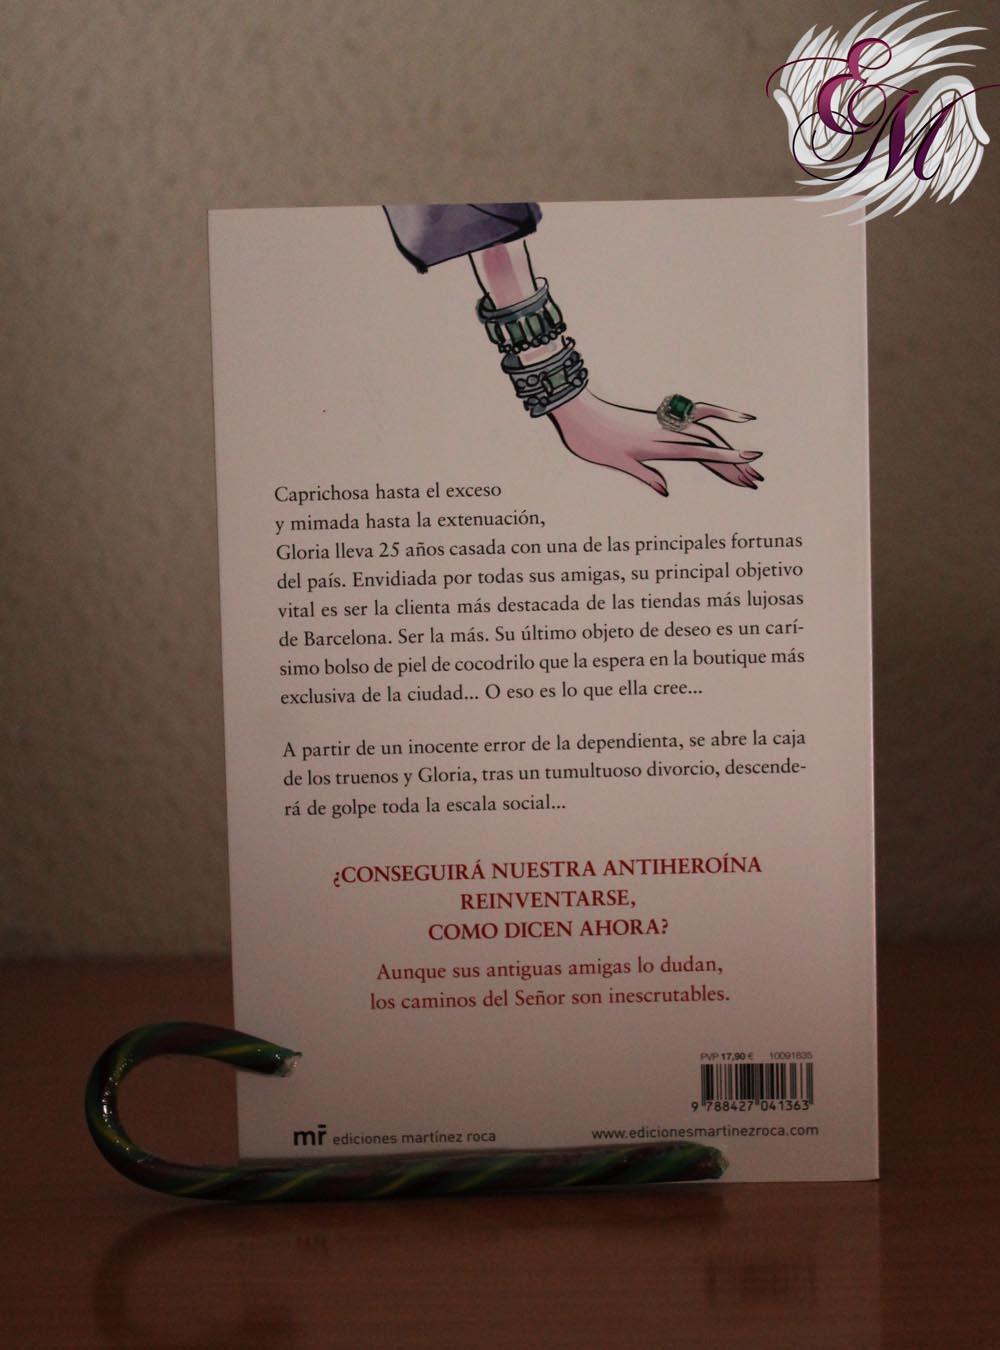 ¡Hasta luego, cocodrilo!, de Soledad Mora - Reseña